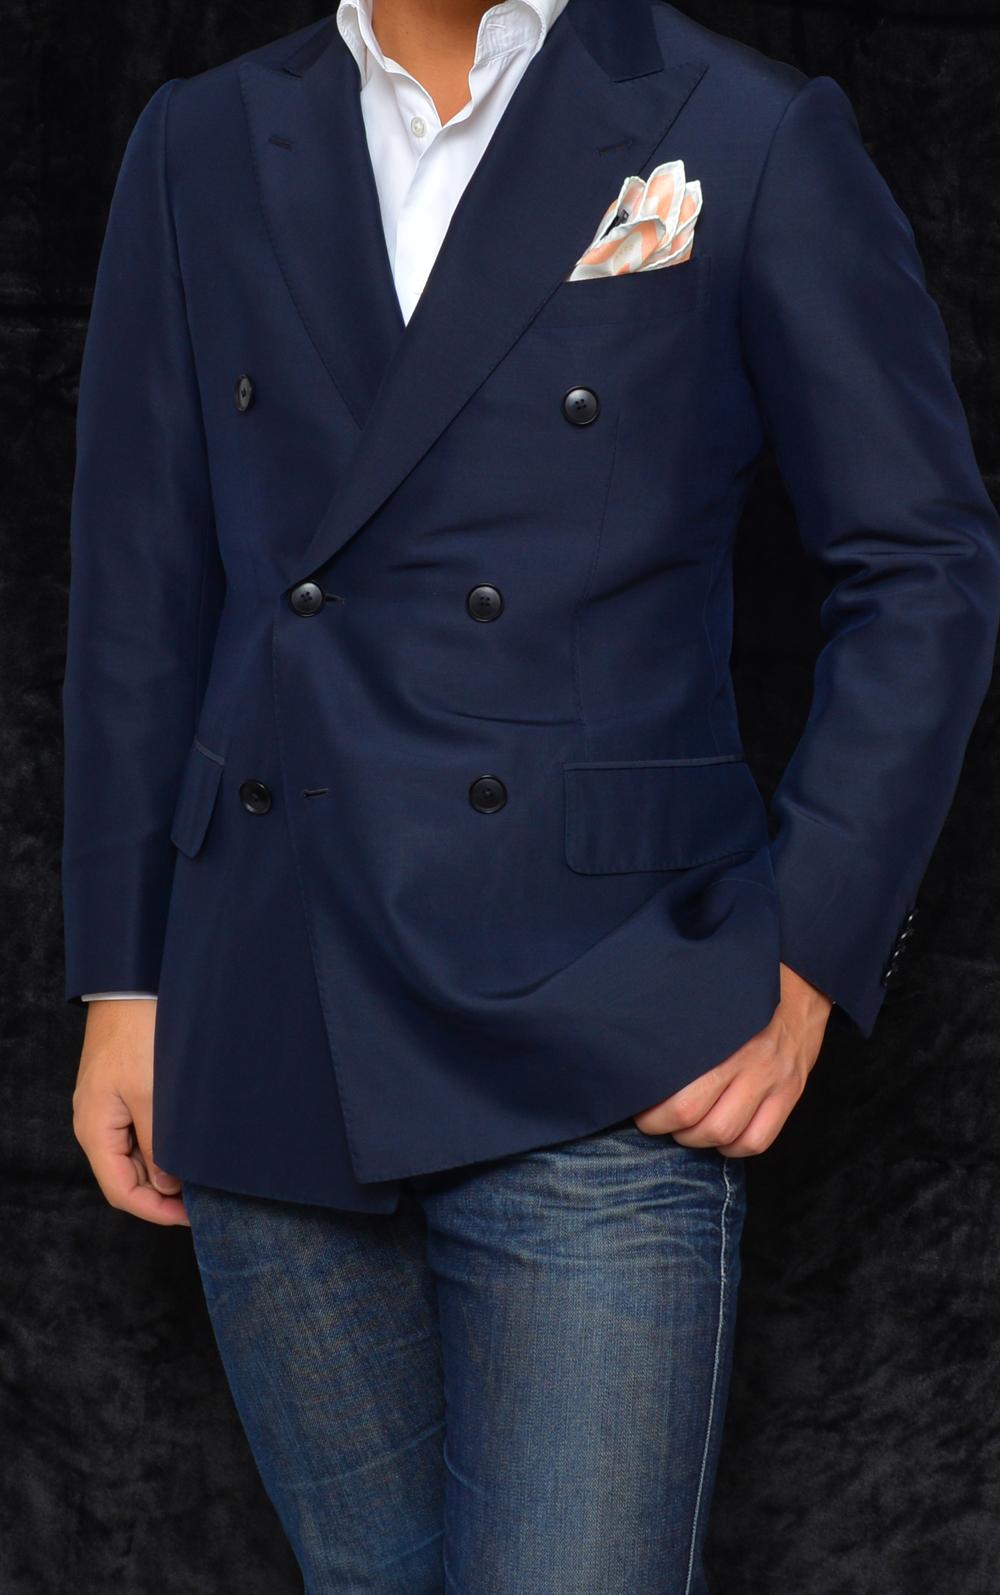 jacket-shirts-style4